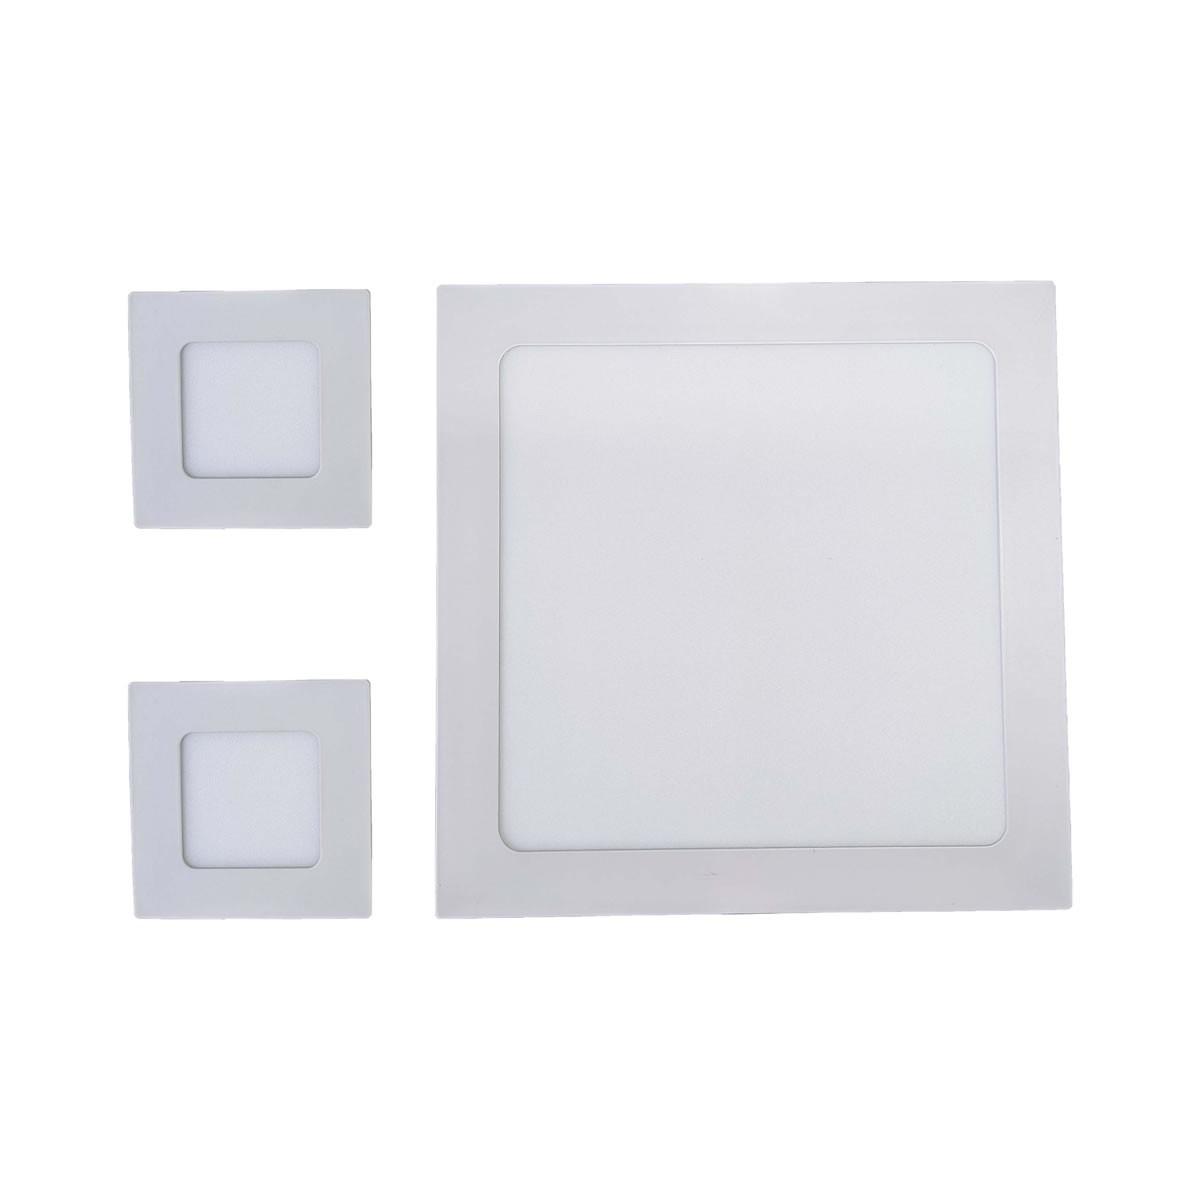 Iluminição banheiro Kit Luminárias 18W e 2 x 3W Luz Fria Embutir